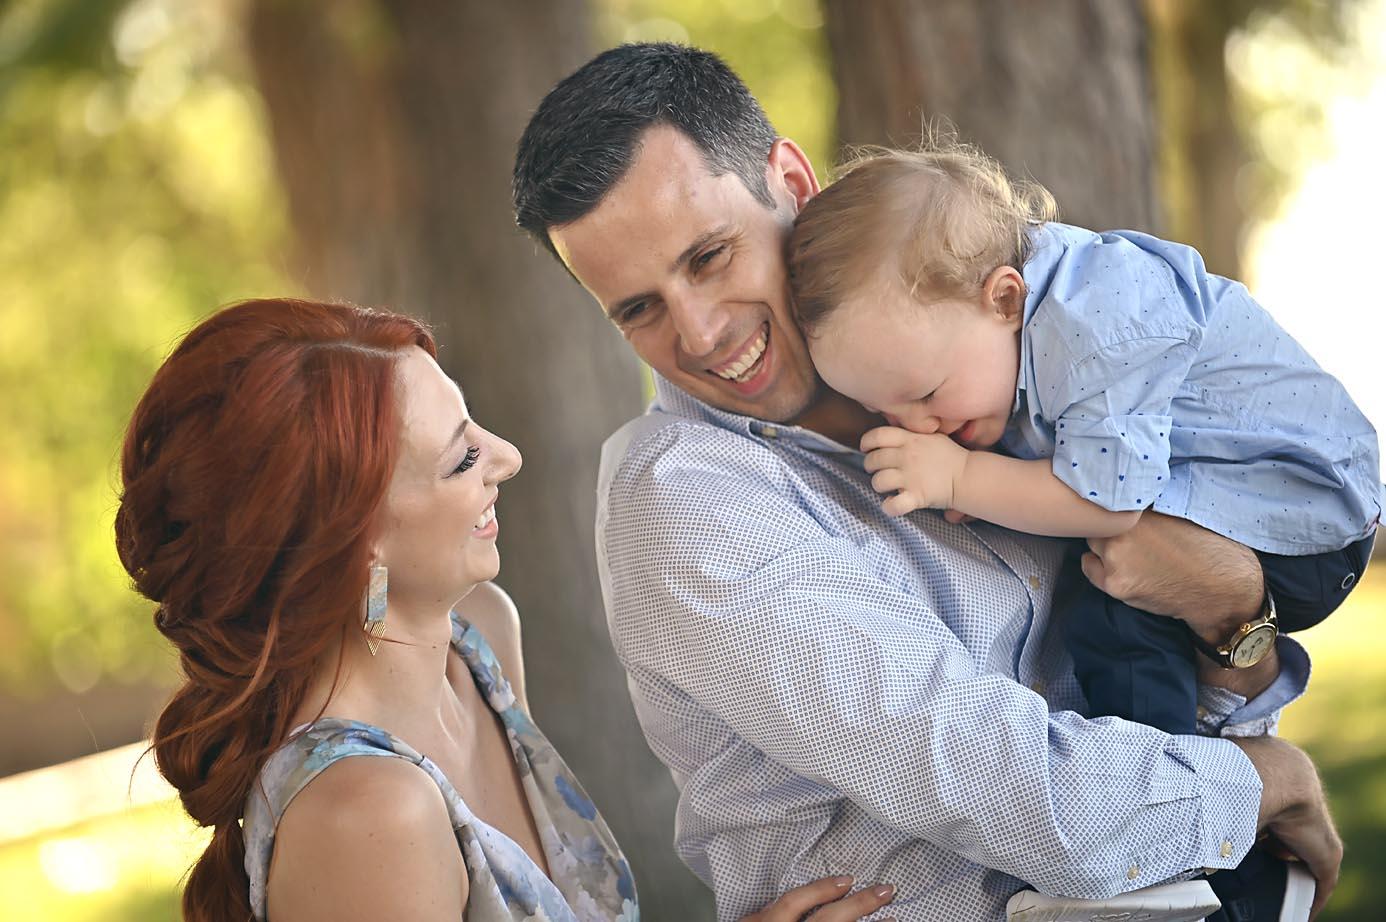 family-portraits-son-cry-family-potrtait-alexis-koumaditis-larissa